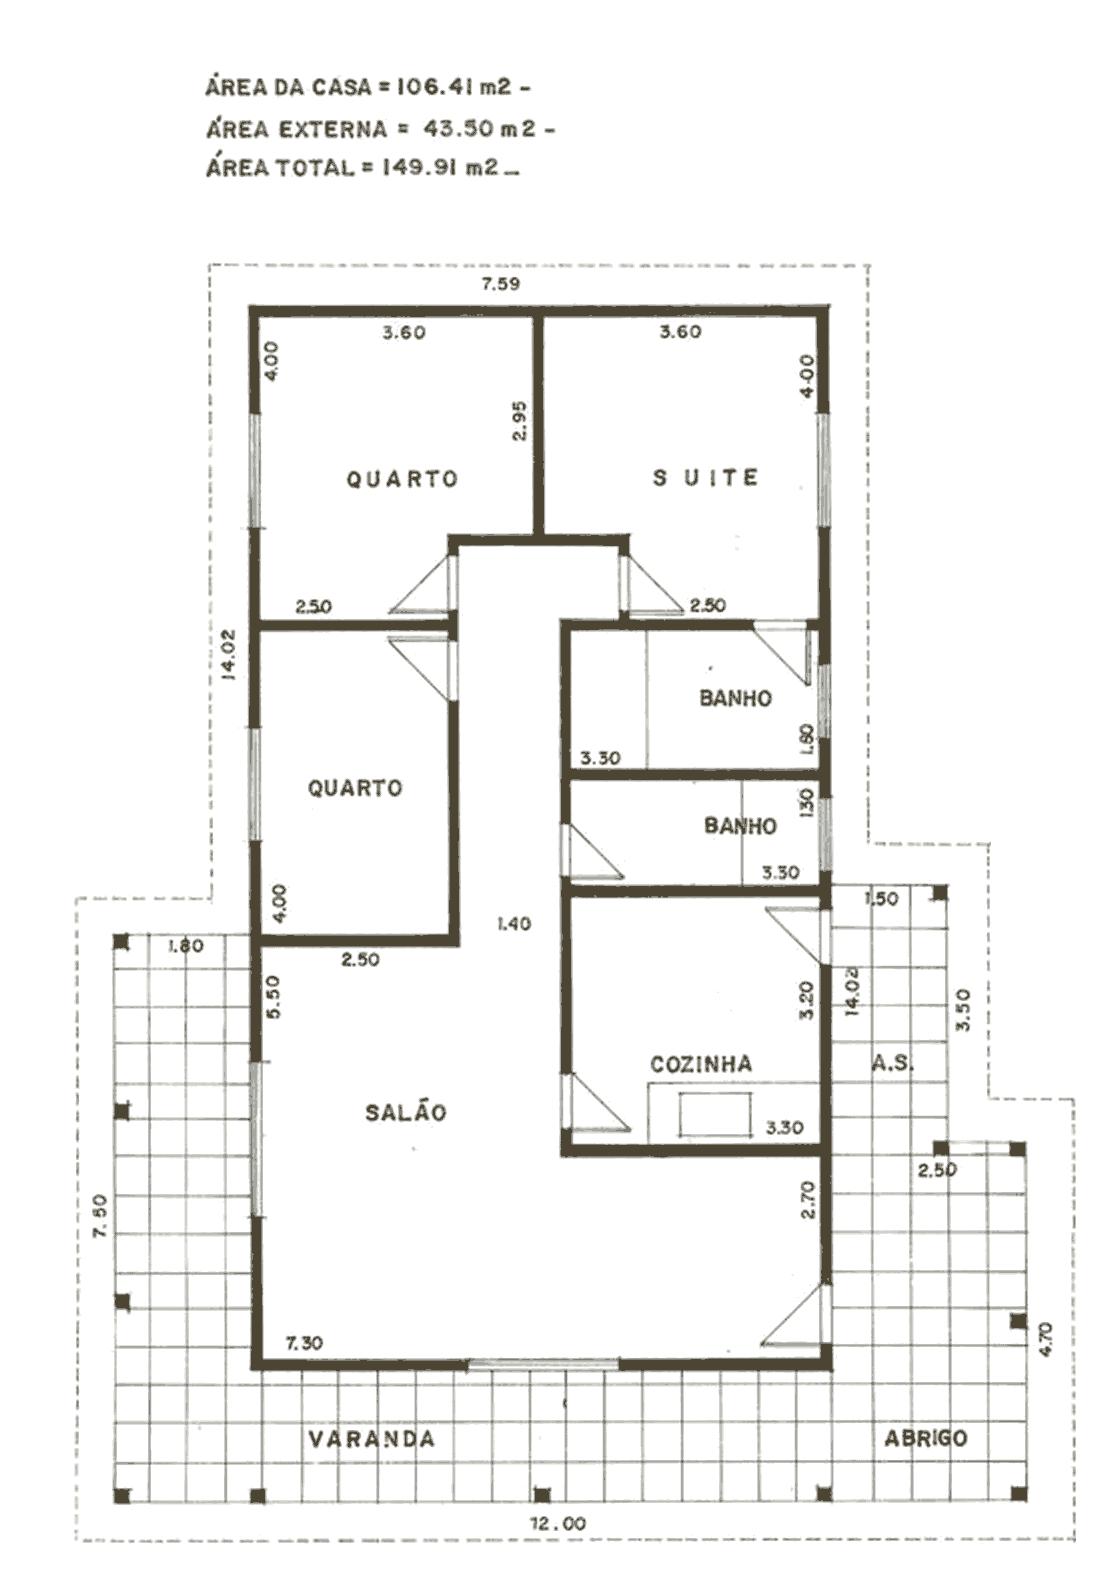 Plantas de Casas – Modelos de Plantas Grátis #3C3423 1110 1578